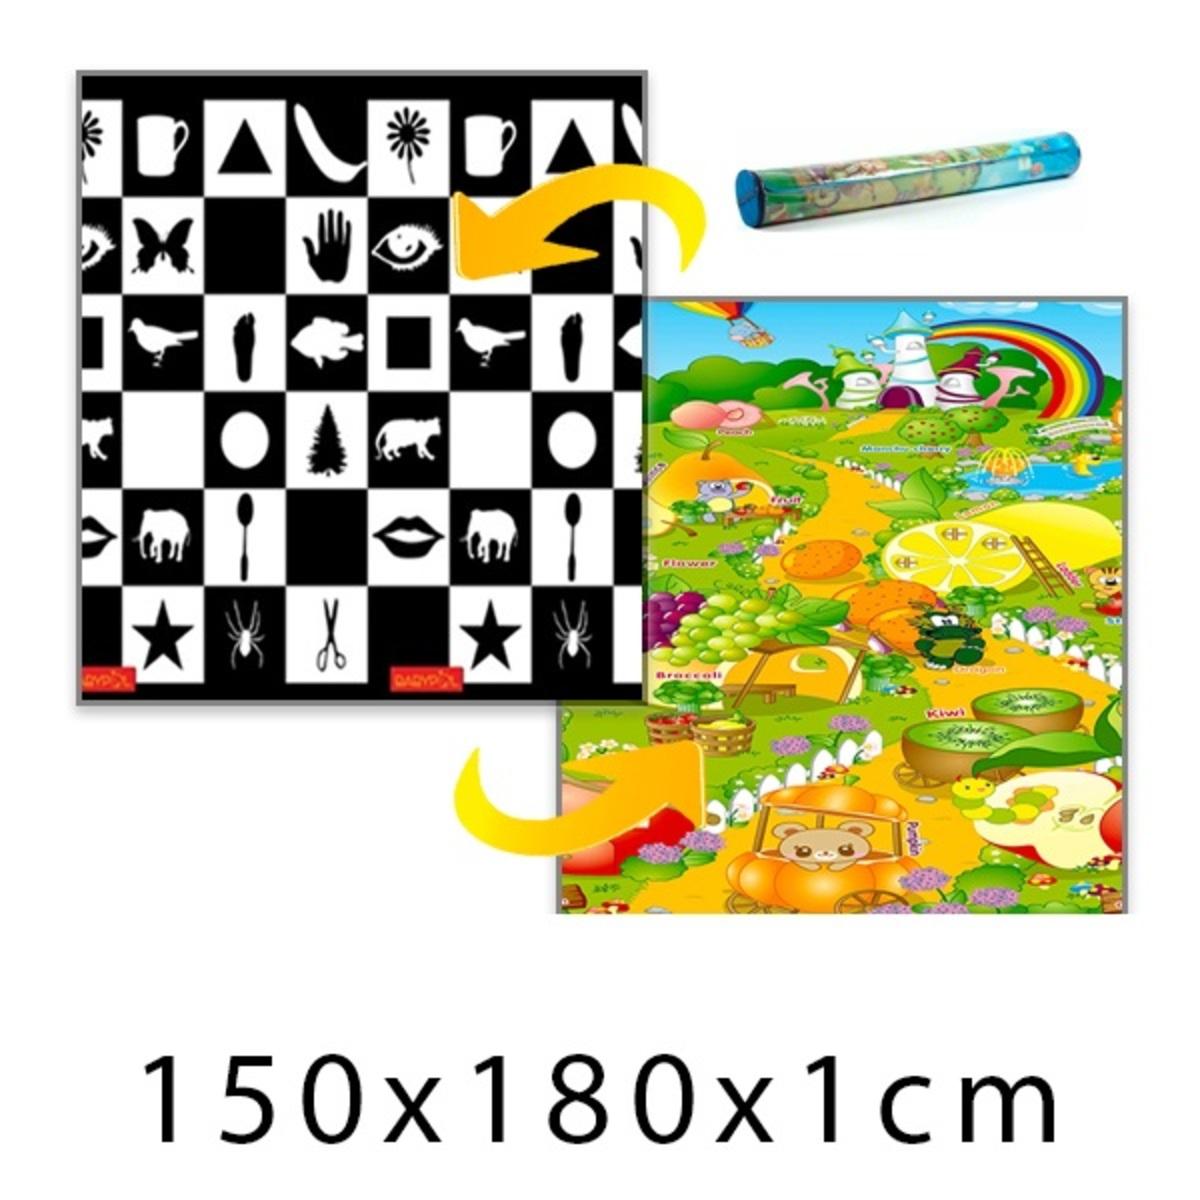 Gyerek habszivacs szőnyeg - sakktábla + gyümölcsos kert - 150x180x1 cm